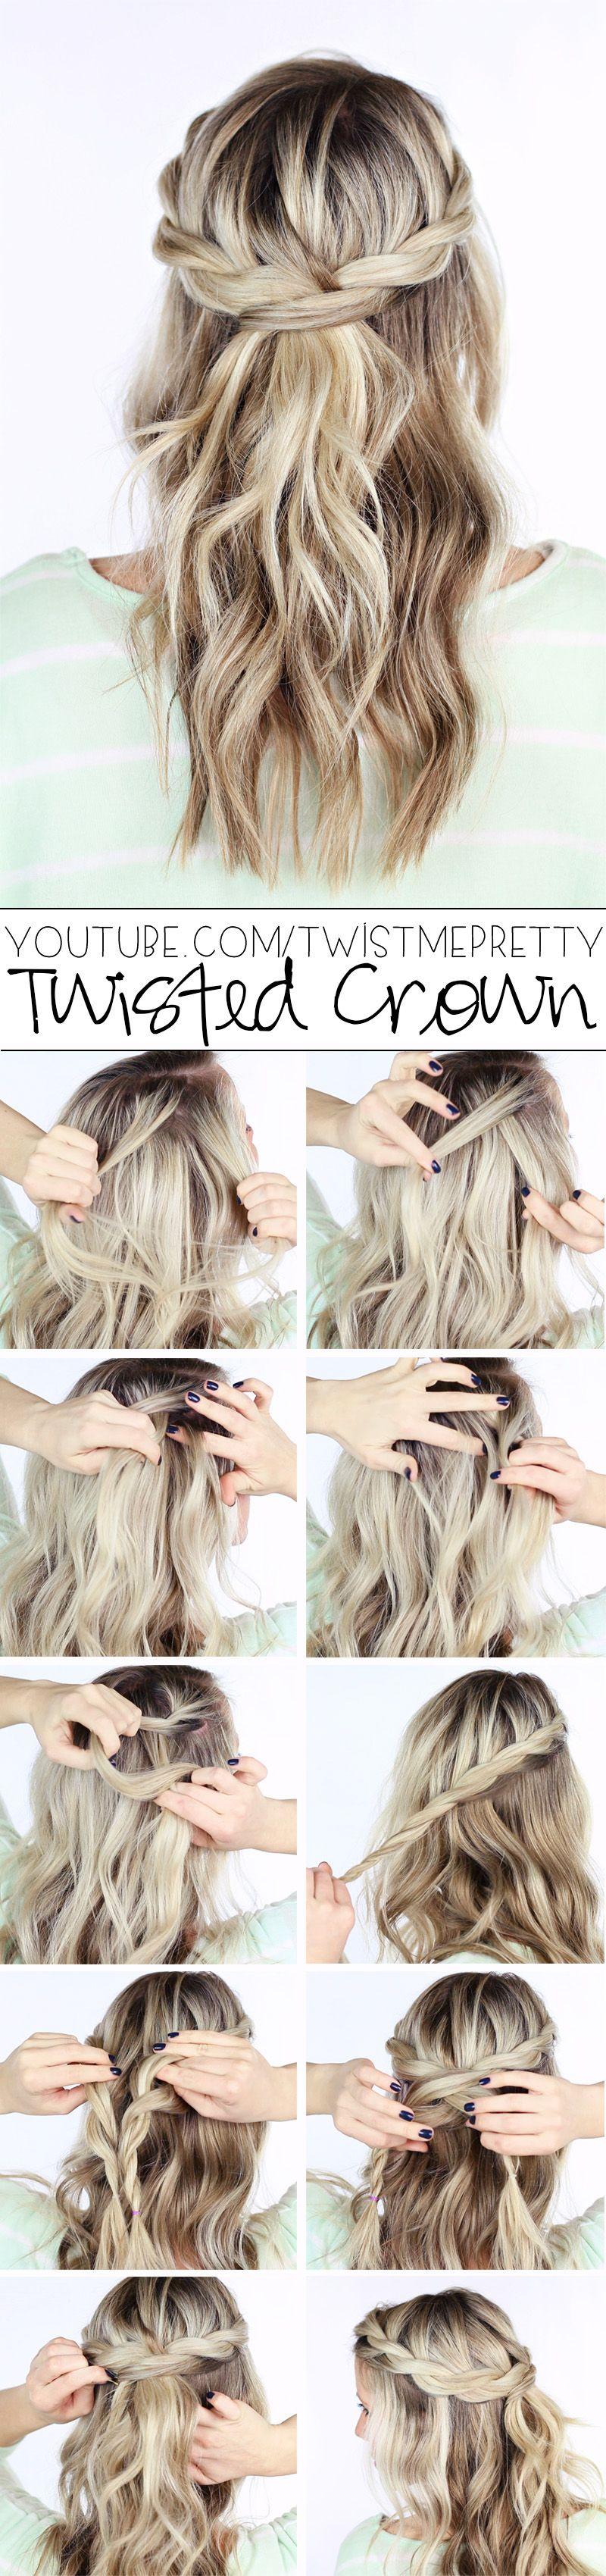 Die zehn besten Haar-Tutorials auf Pinterest | Female hair, Crown ...